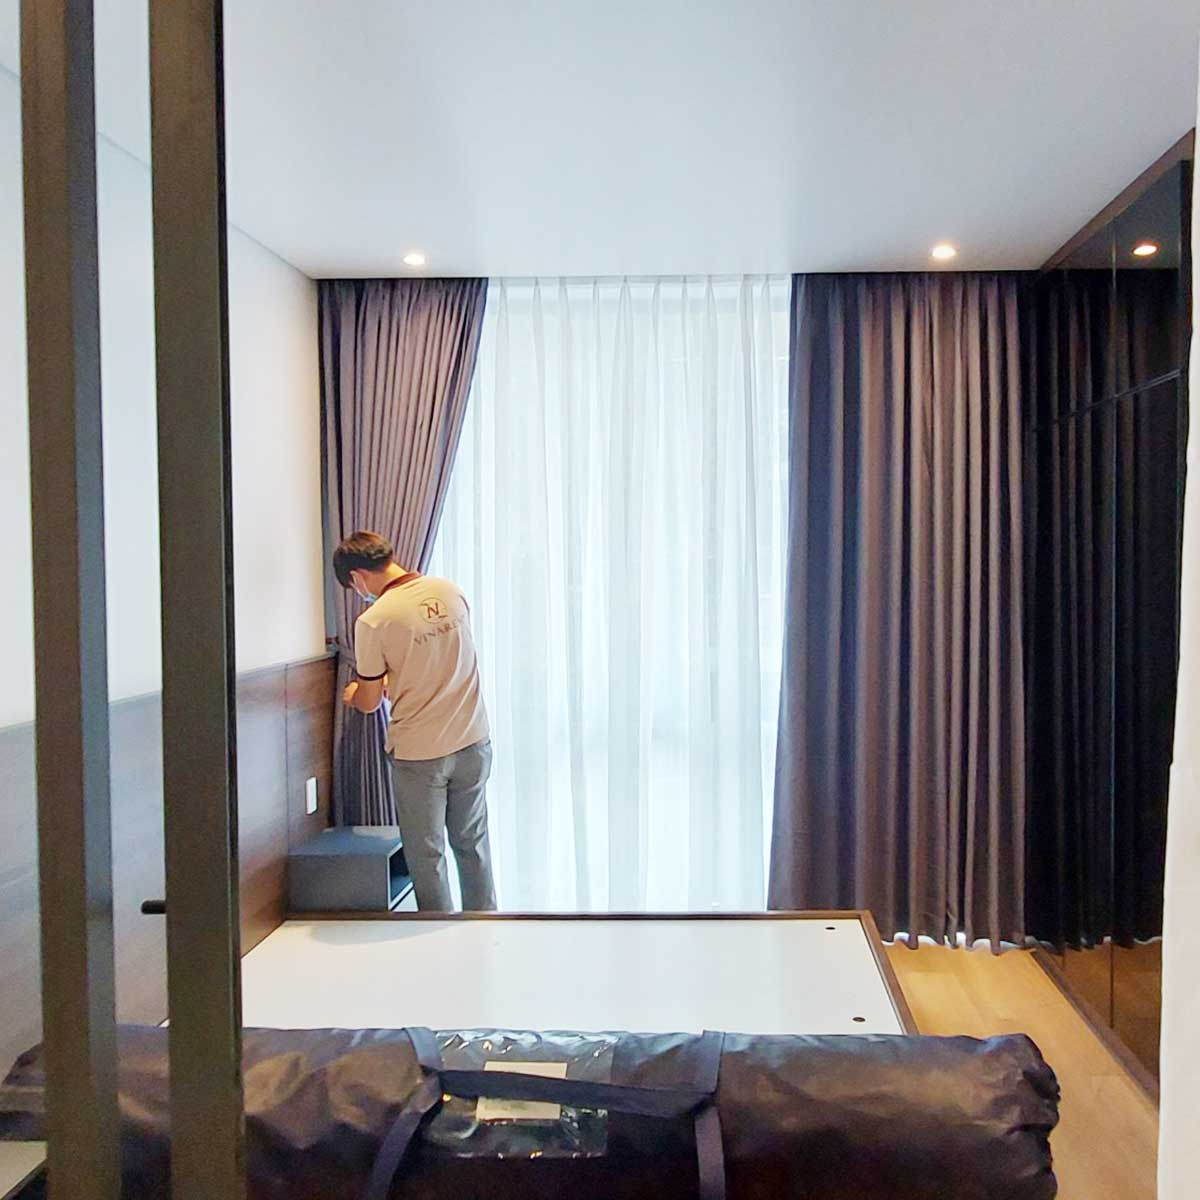 Rèm vri hai lớp cho phòng ngủ căn hộ chung cư cao cấp